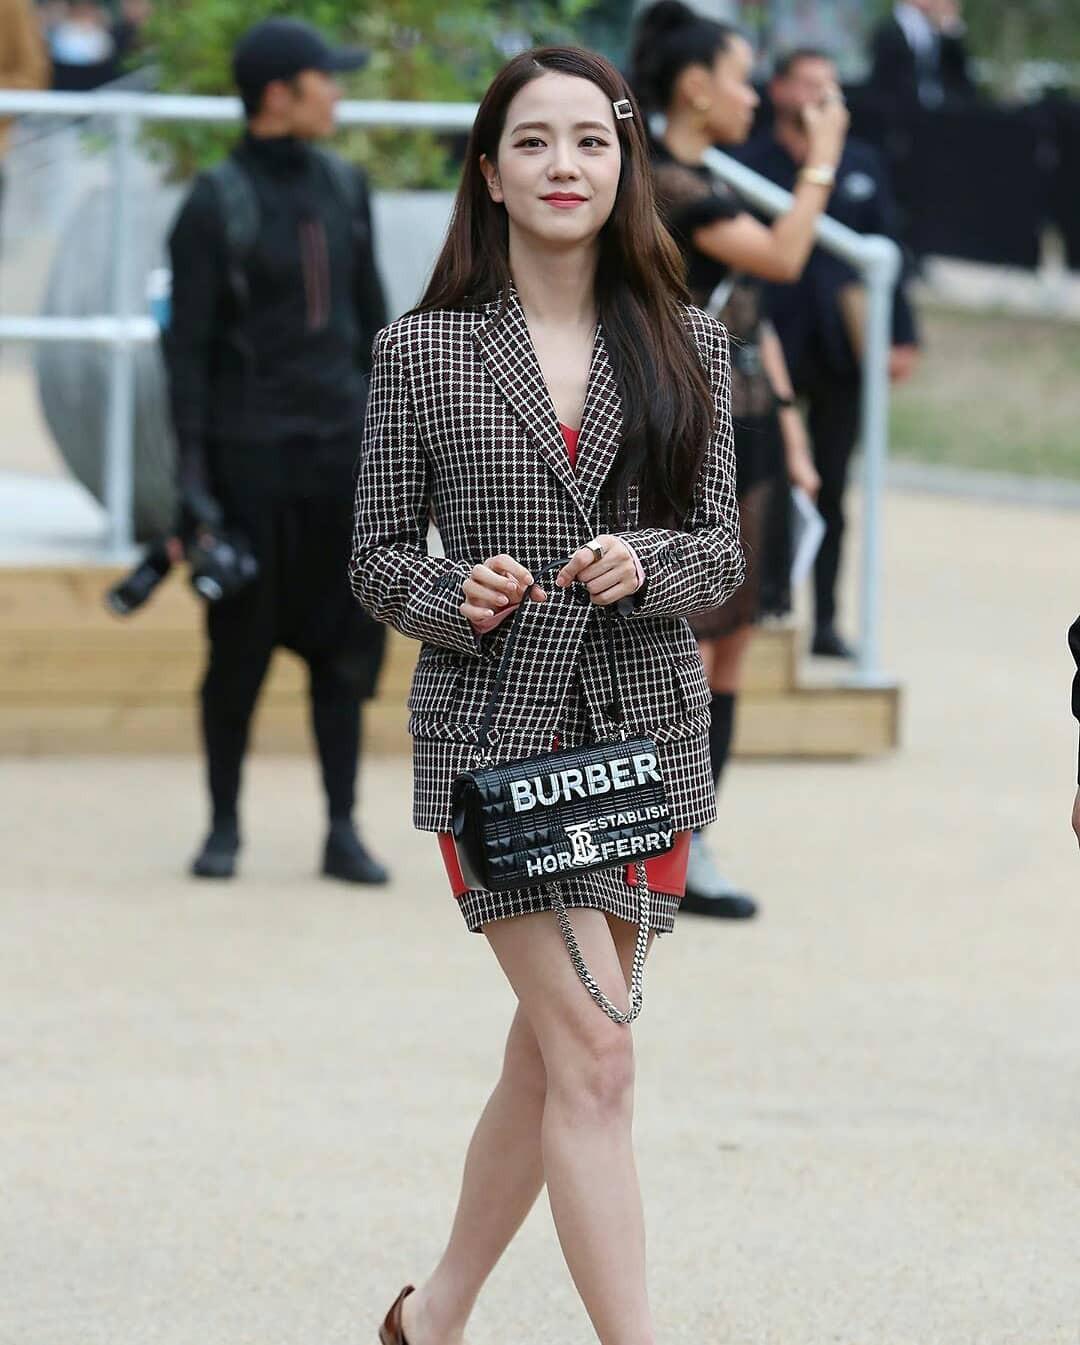 VZN News: Nữ thần Jisoo (BLACKPINK) gây náo loạn trời Anh: Quá xinh và sang như tiểu thư quý tộc, ảnh chụp vội gây choáng - Ảnh 3.